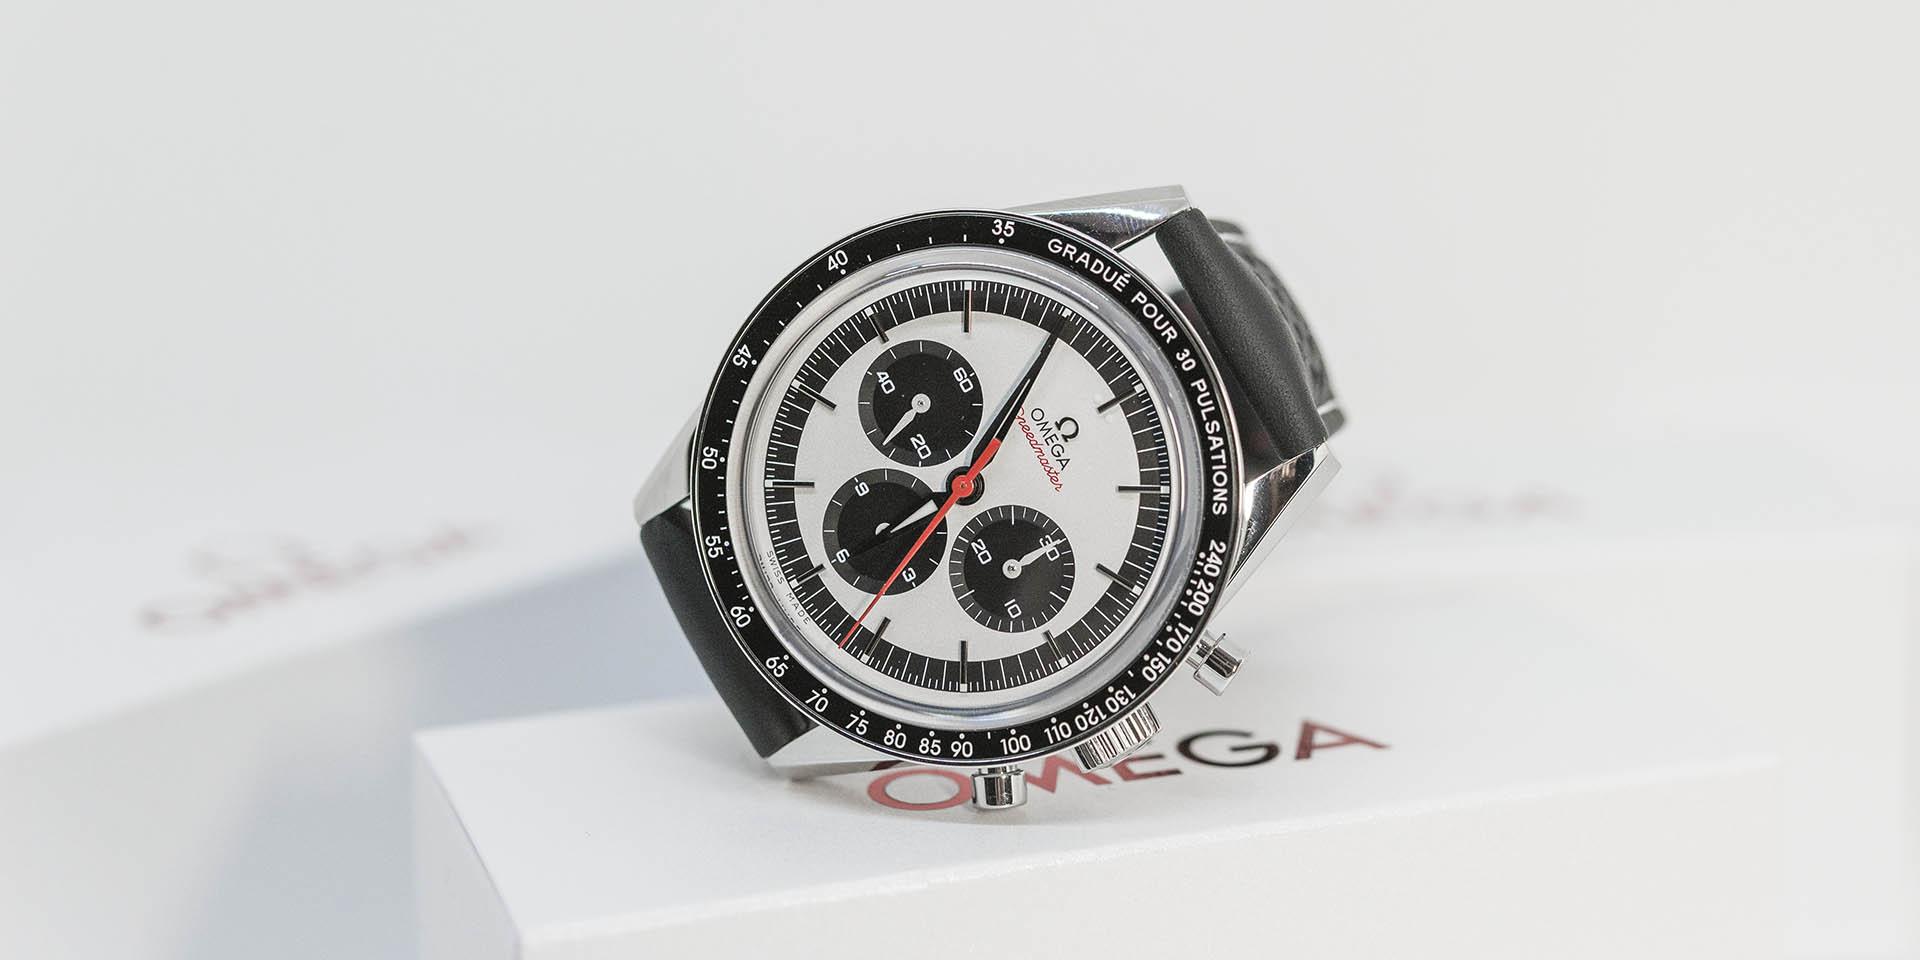 311-32-40-30-02-001-omega-speedmaster-ck2998-pulsometer-3.jpg